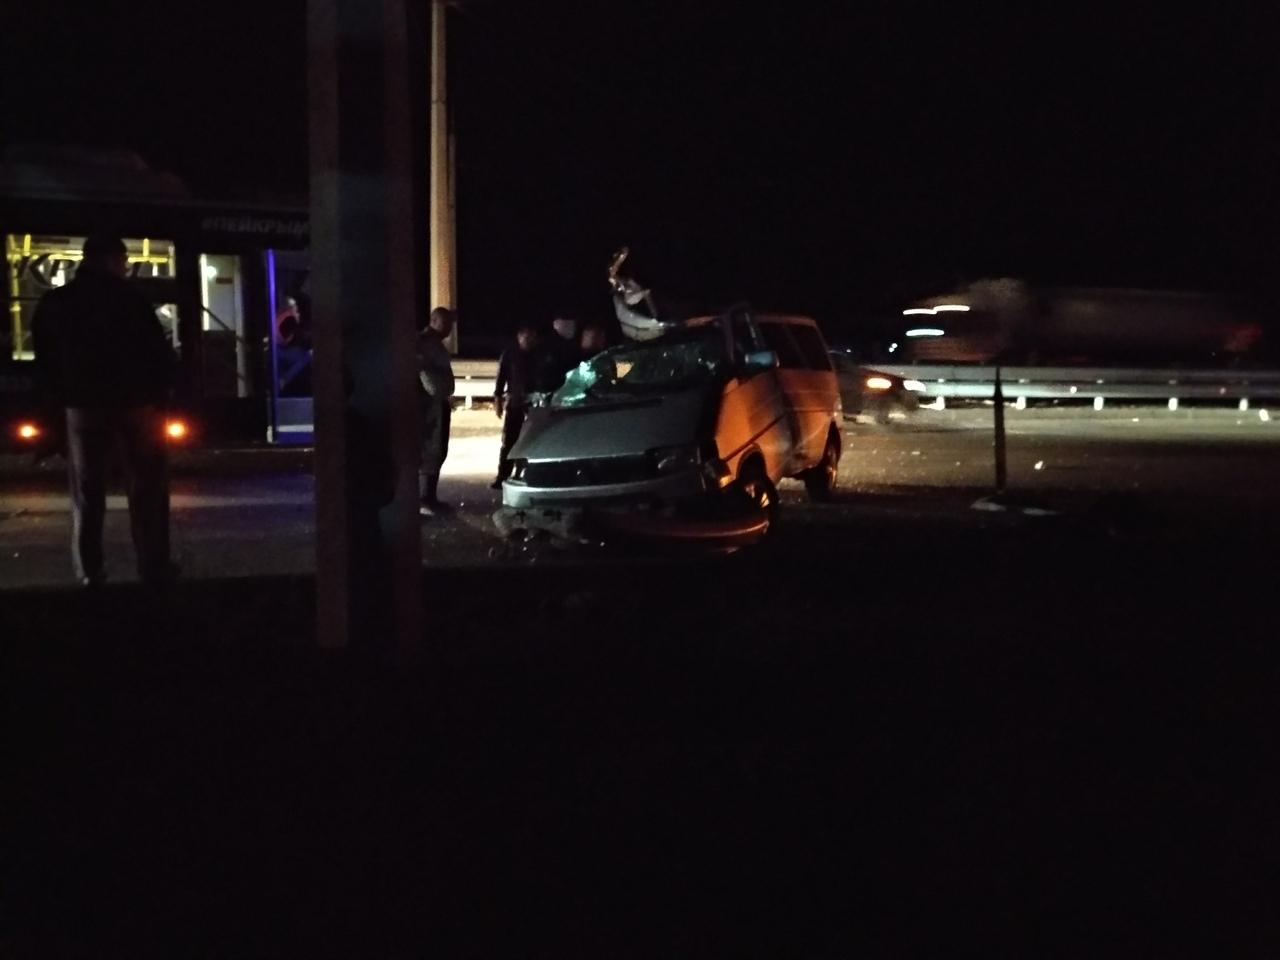 «Хотел проскочить, но не успел»: ночью в Симферополе произошло смертельное ДТП с участием микроавтобуса и КамАЗа